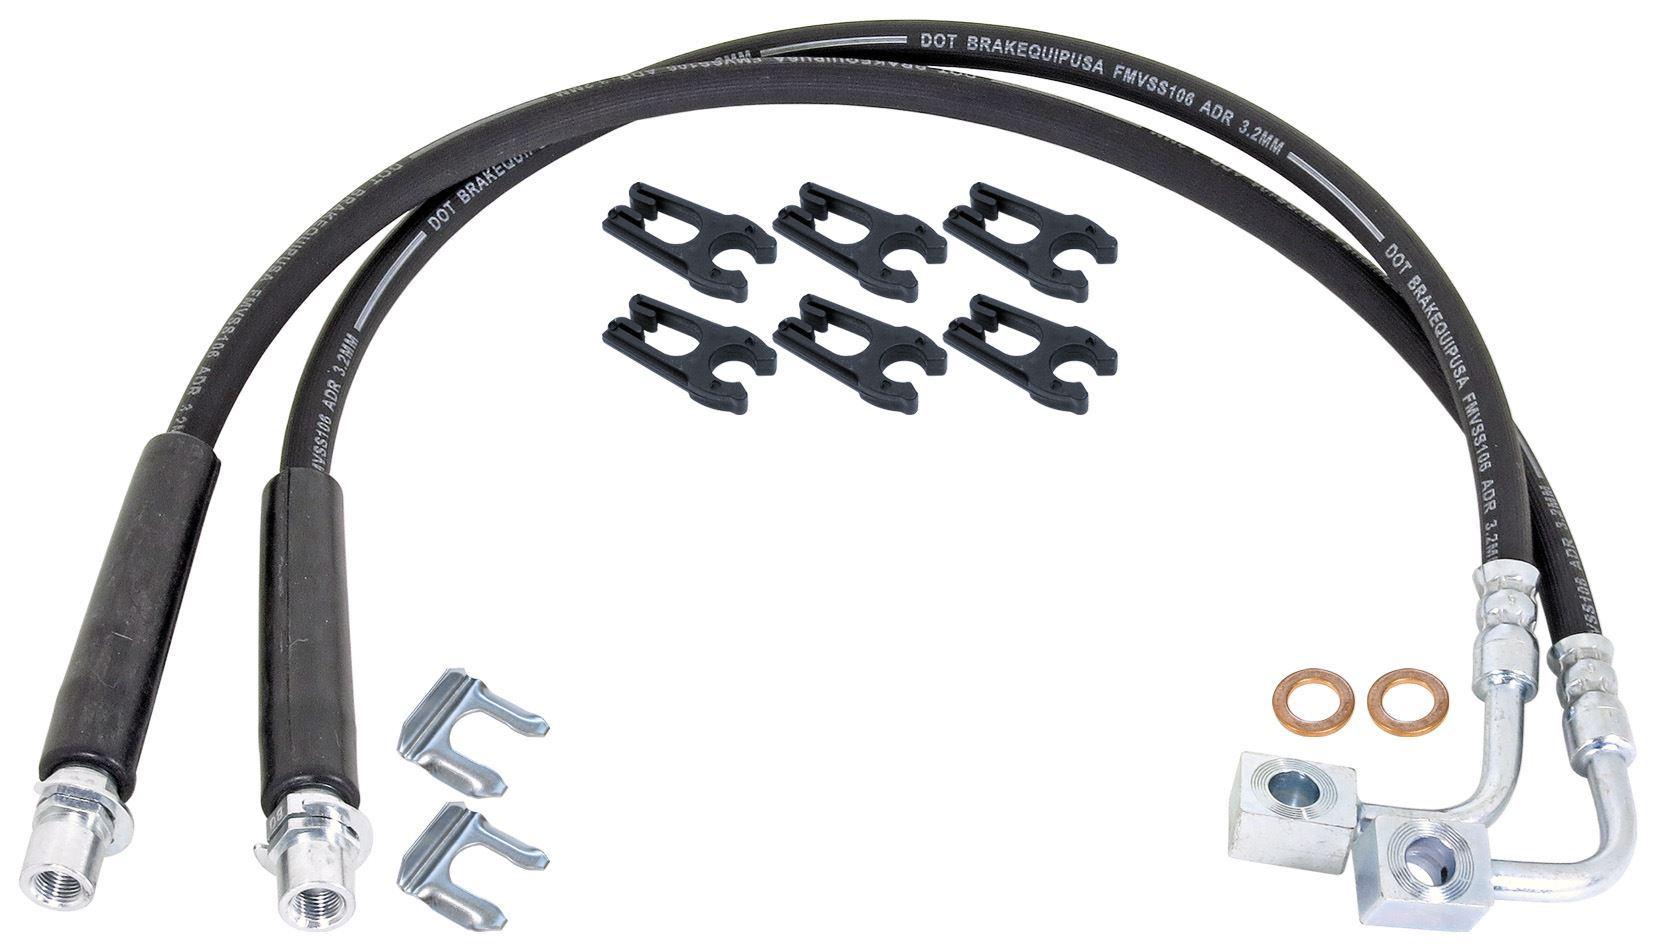 RockJock Extended Rear Braided Brake Hose Kit - JT